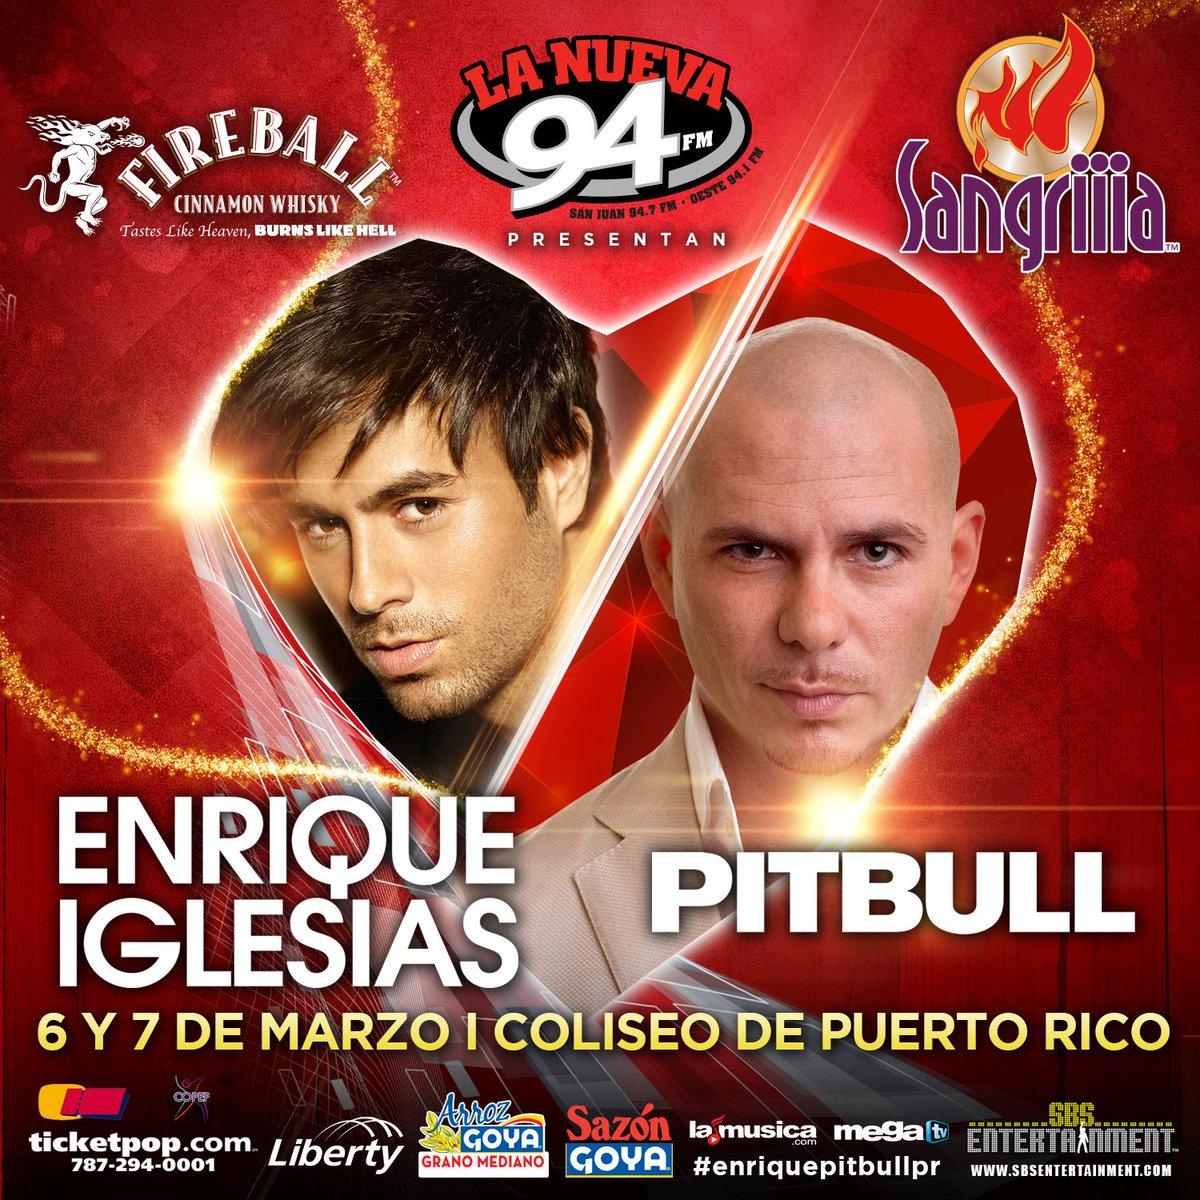 ¿Todavía sin boletos para @enrique305 + @Pitbull? ¡Qué esperas! http://t.co/YsH32rwB2W #EnriquePitbullPR http://t.co/RfxOxxWEHa